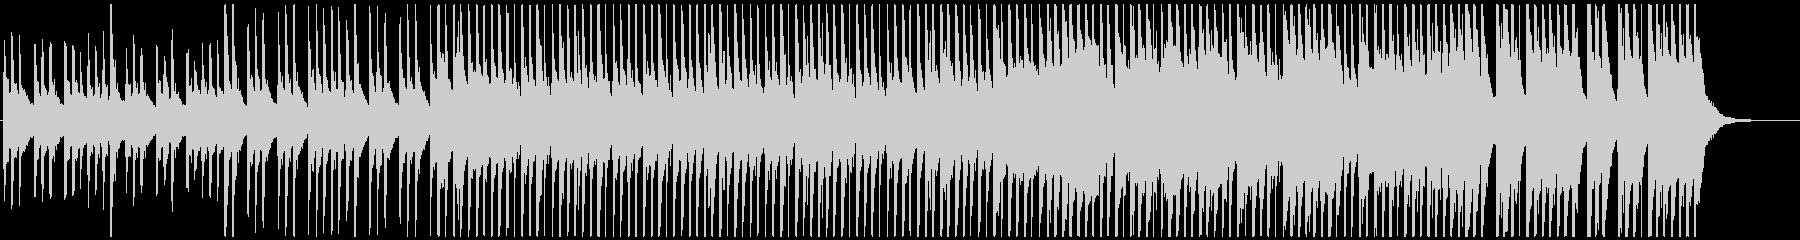 和楽器アンサンブル 三三七拍子モチーフの未再生の波形